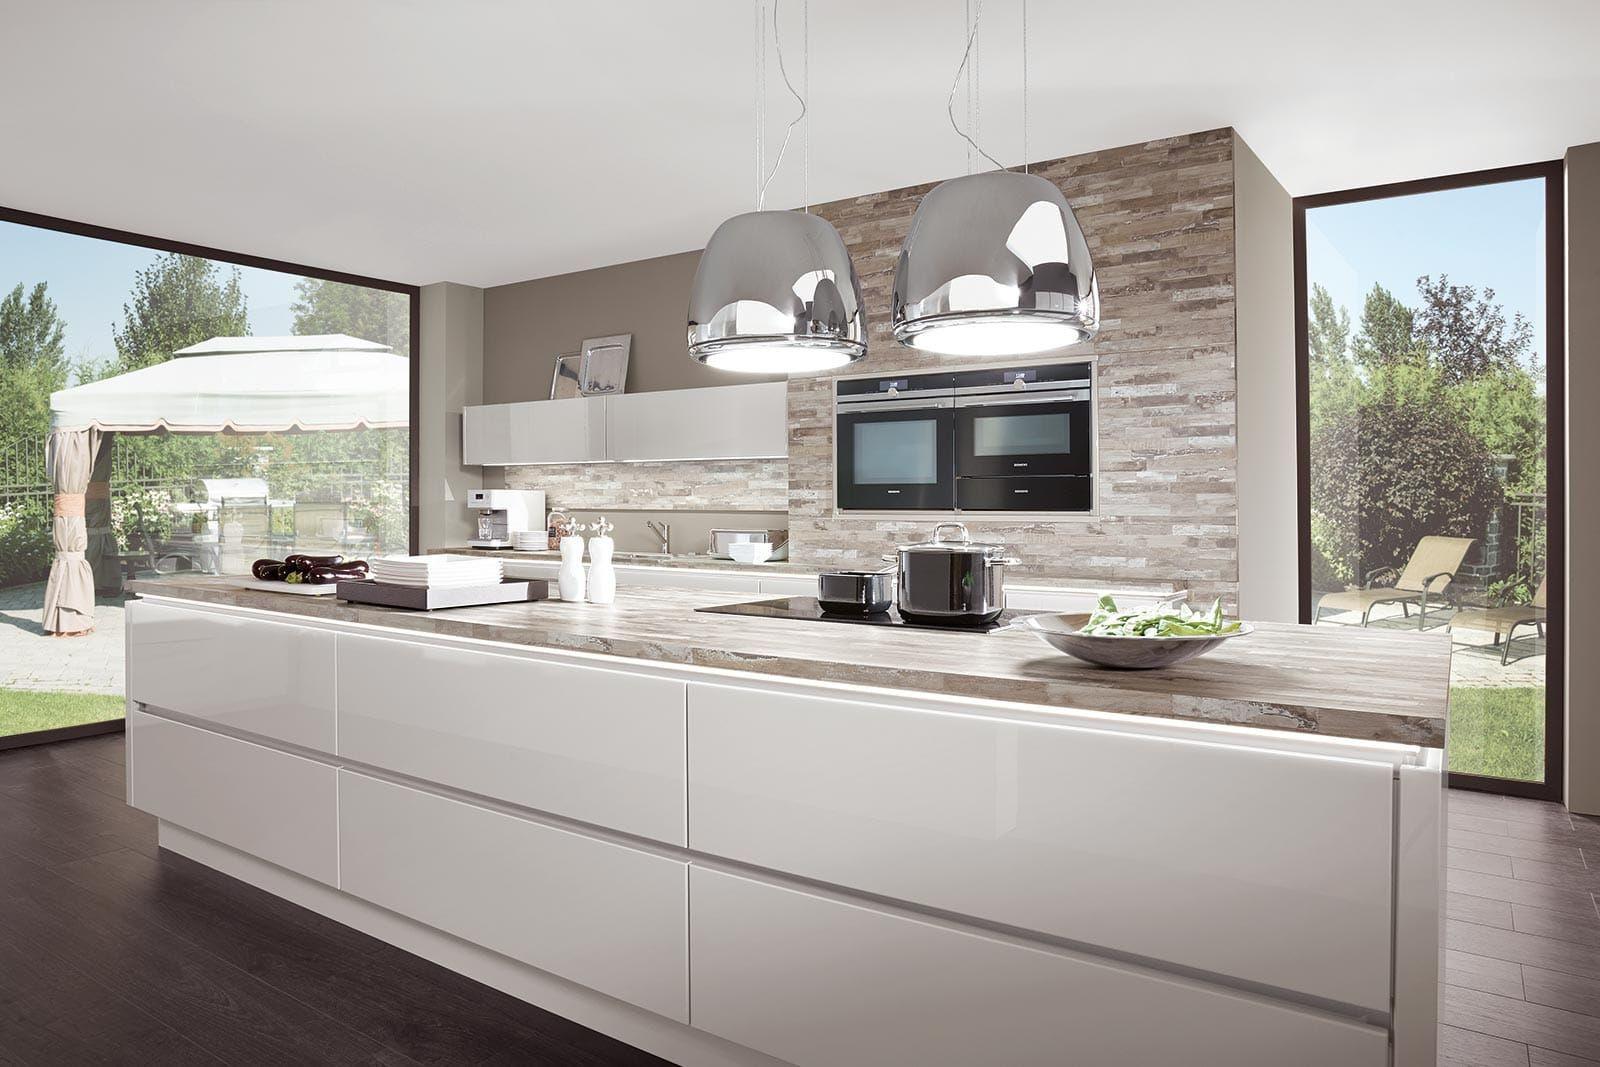 Küche Mit Kochinsel  Kochinsel Küche Hochglanz Weiß Norina 9555